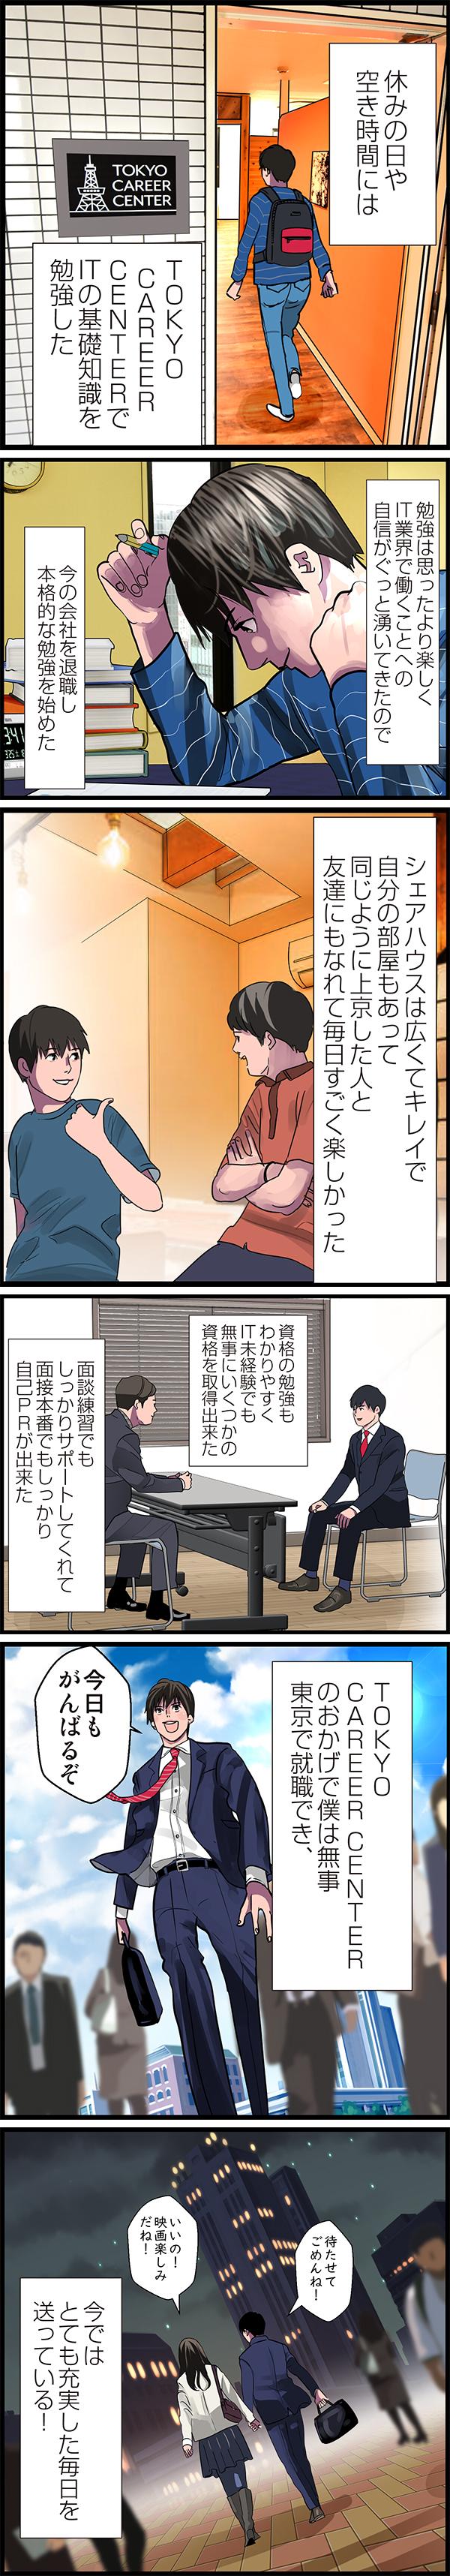 東京キャリアセンター事業の紹介漫画[画像6]